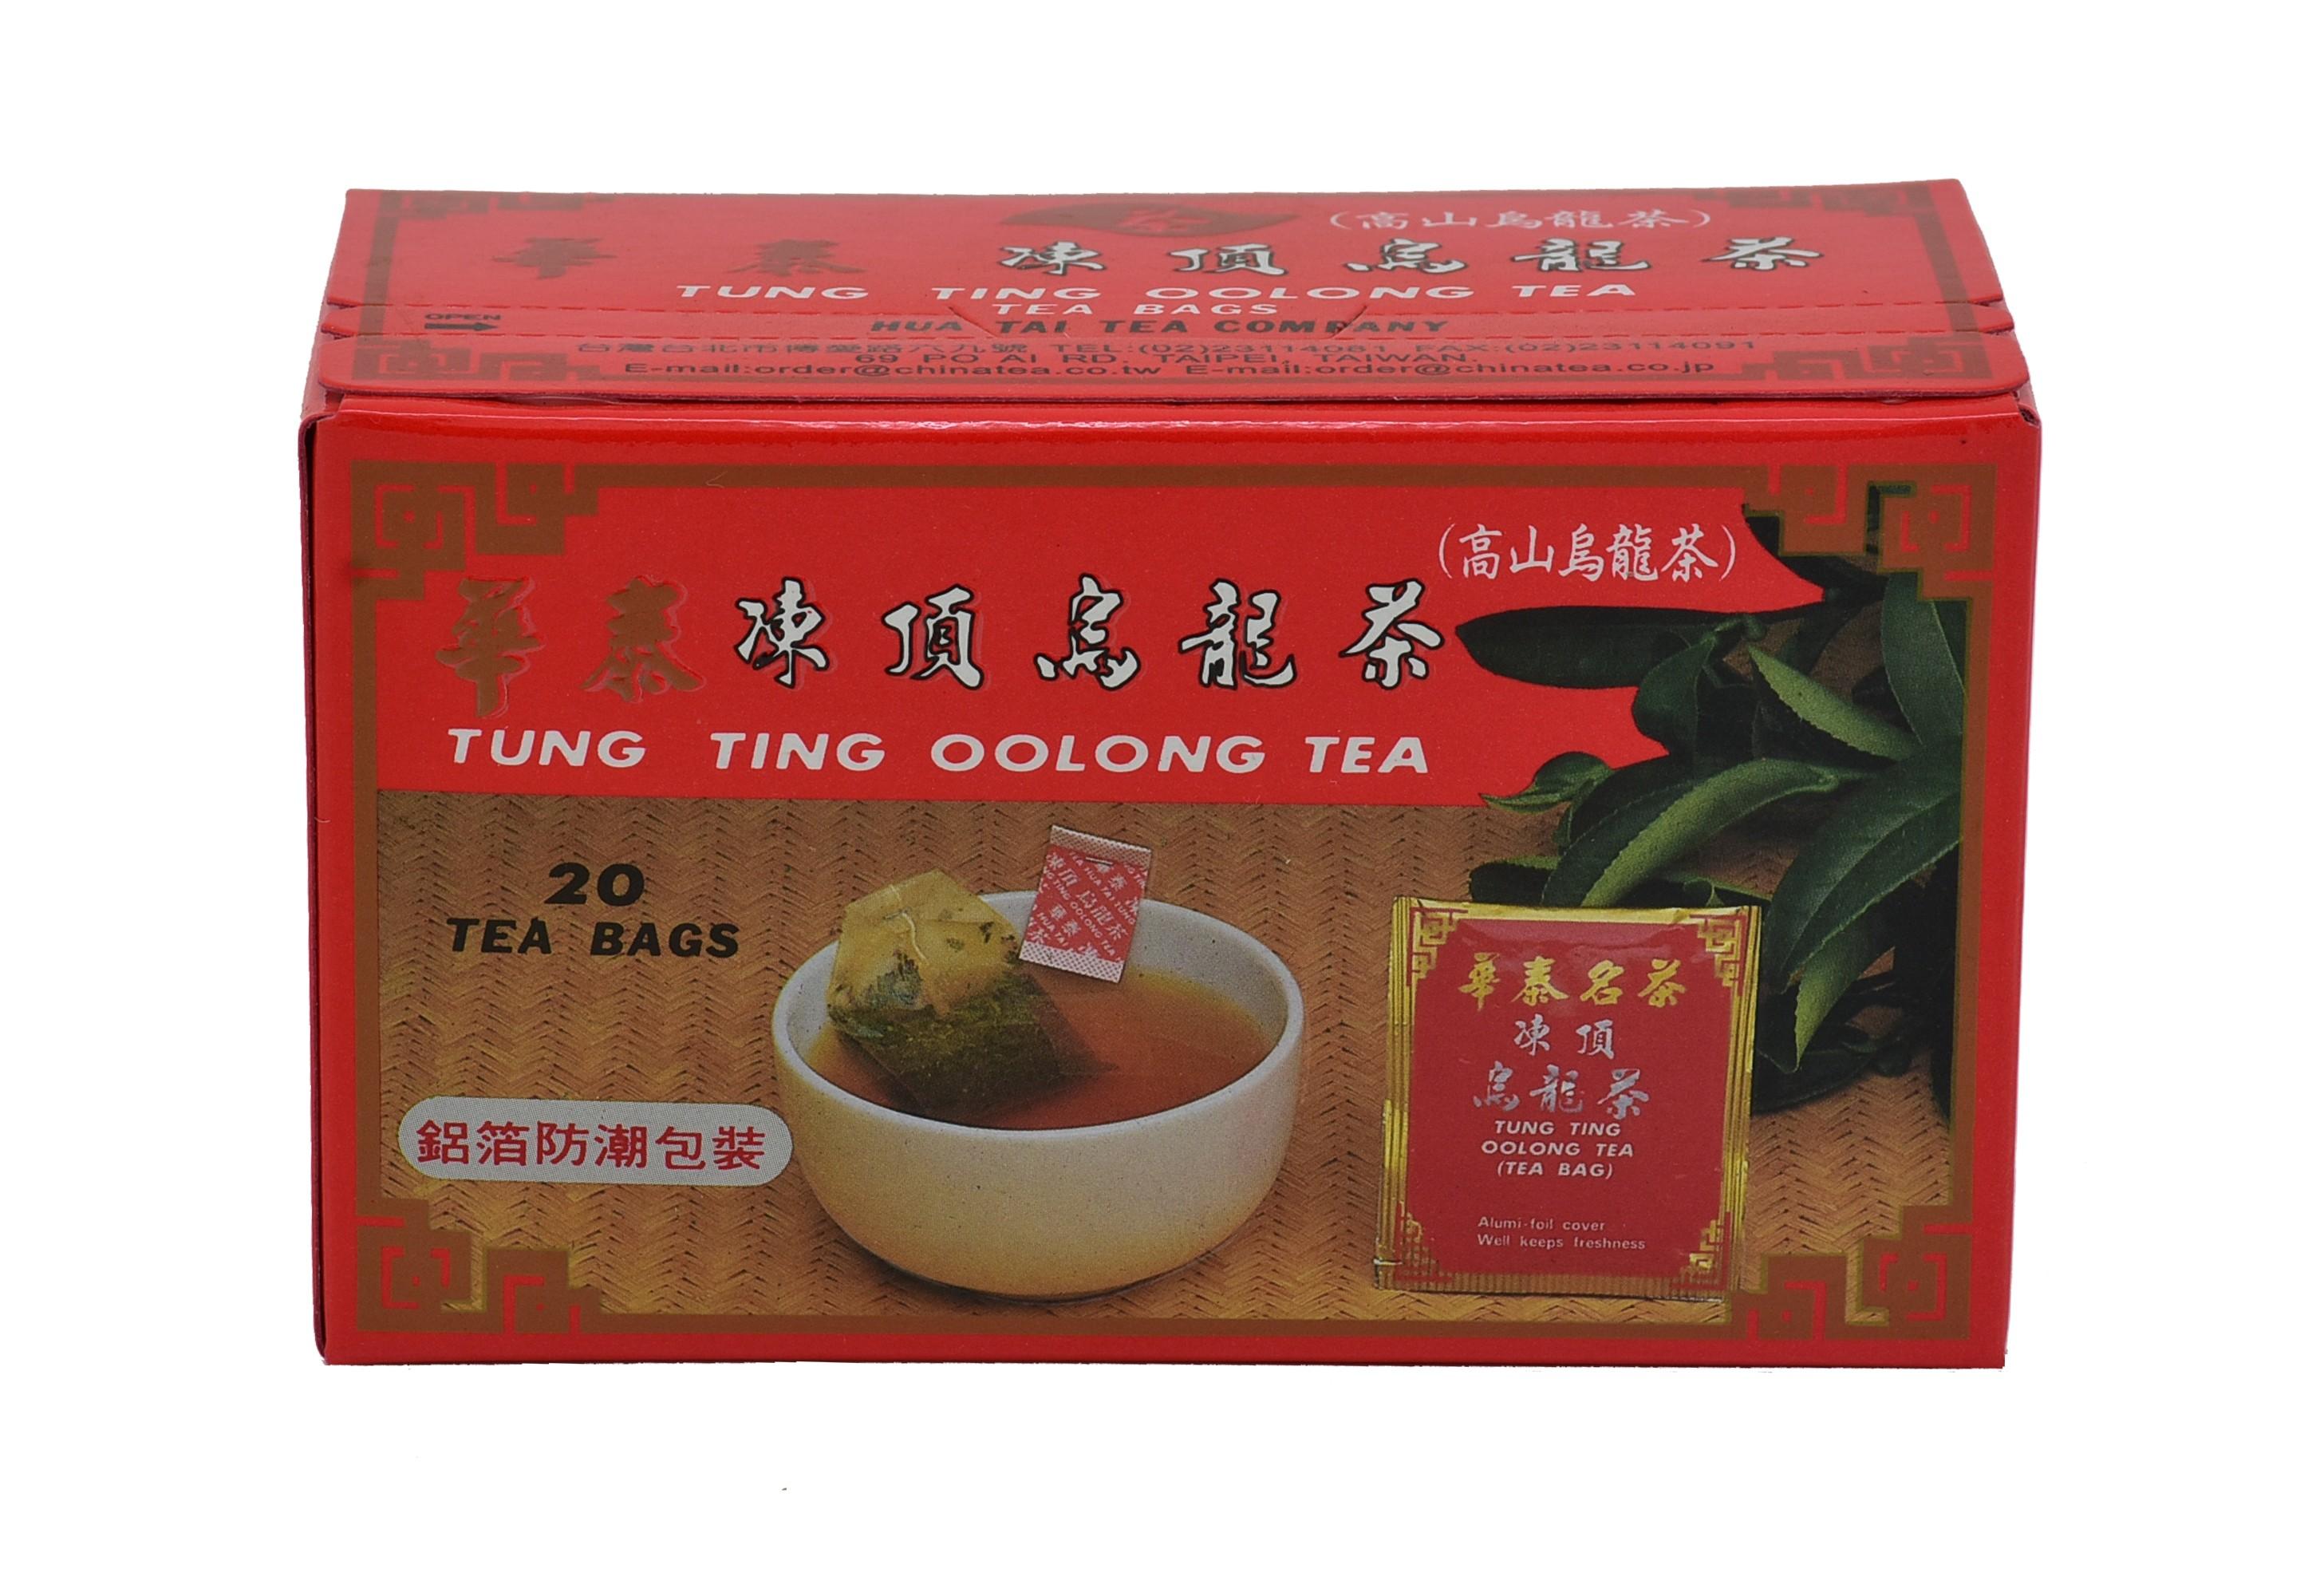 「華泰茶莊」凍頂烏龍茶茶包 20包  每包2g